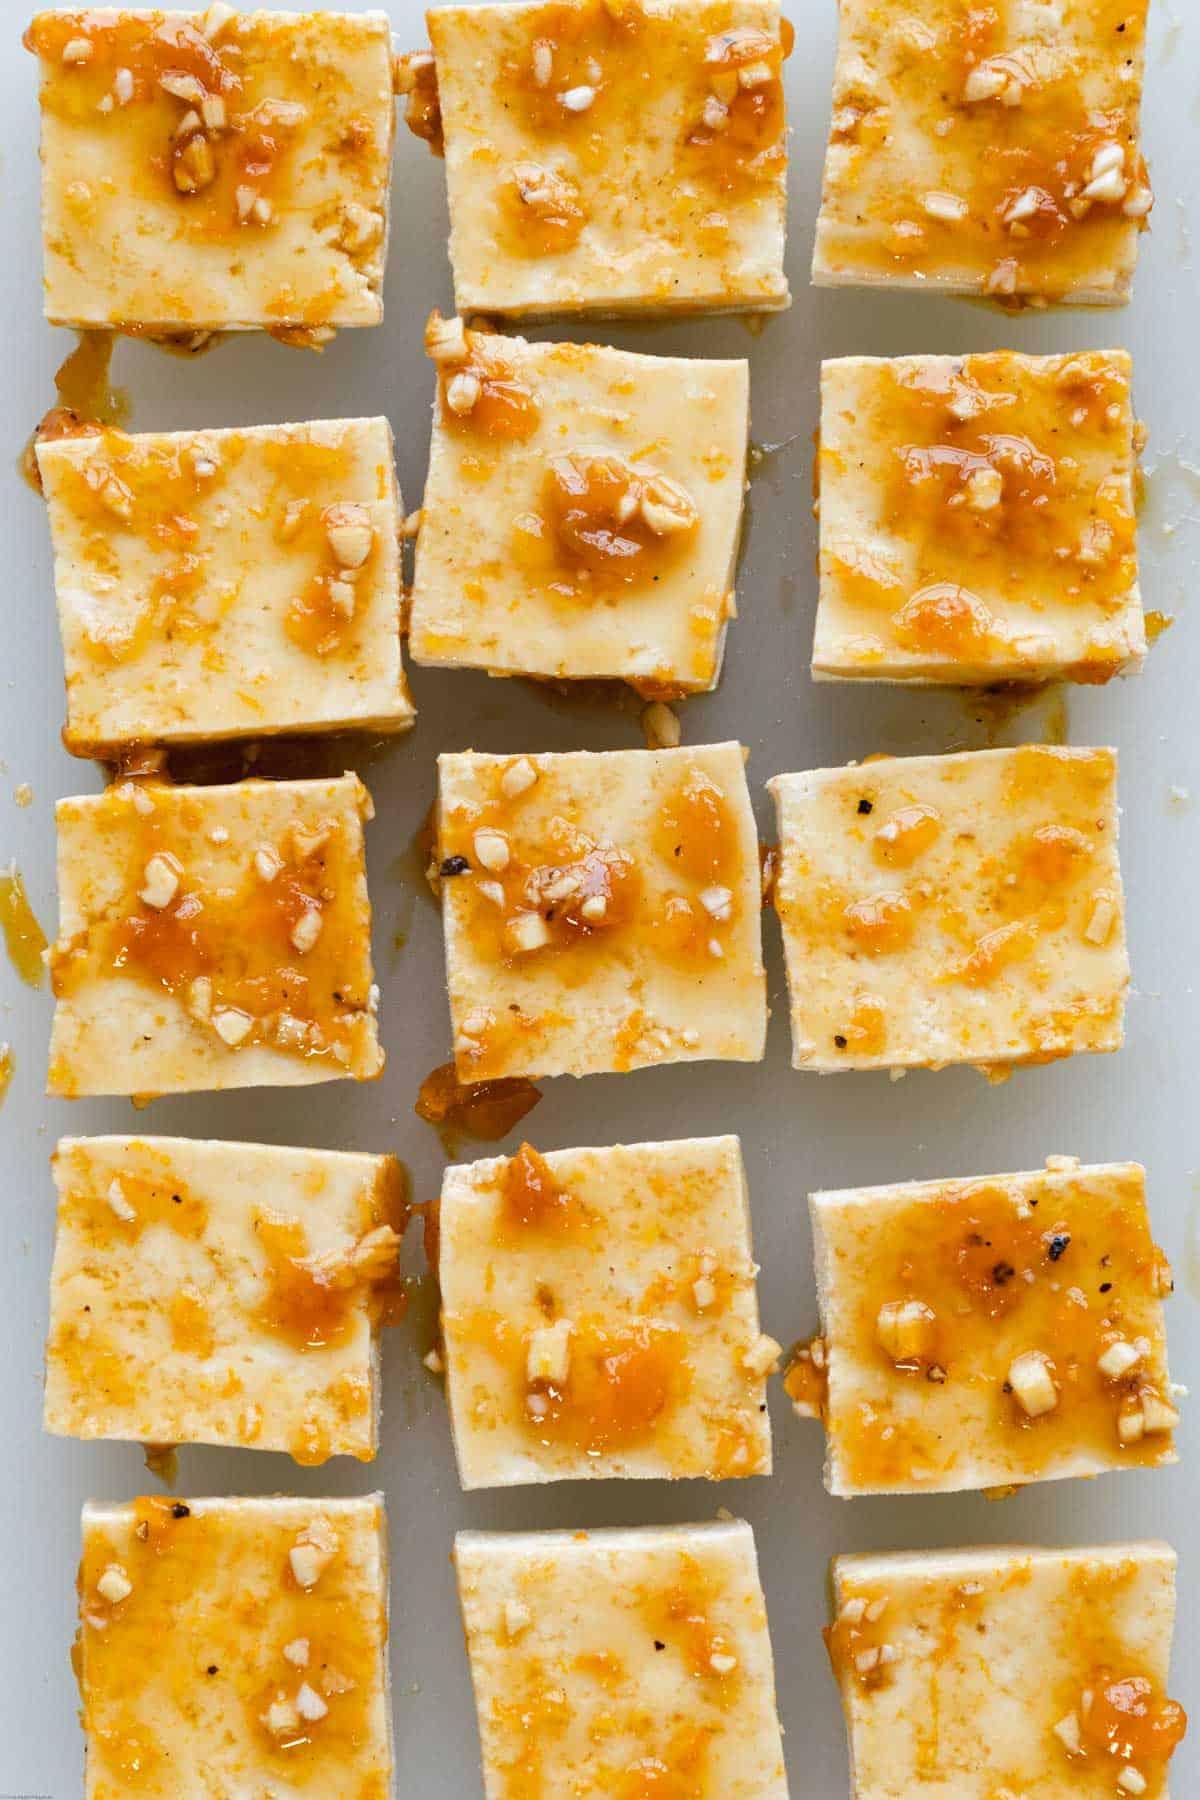 Tofu squares brushed with orange glaze and ready to bake.